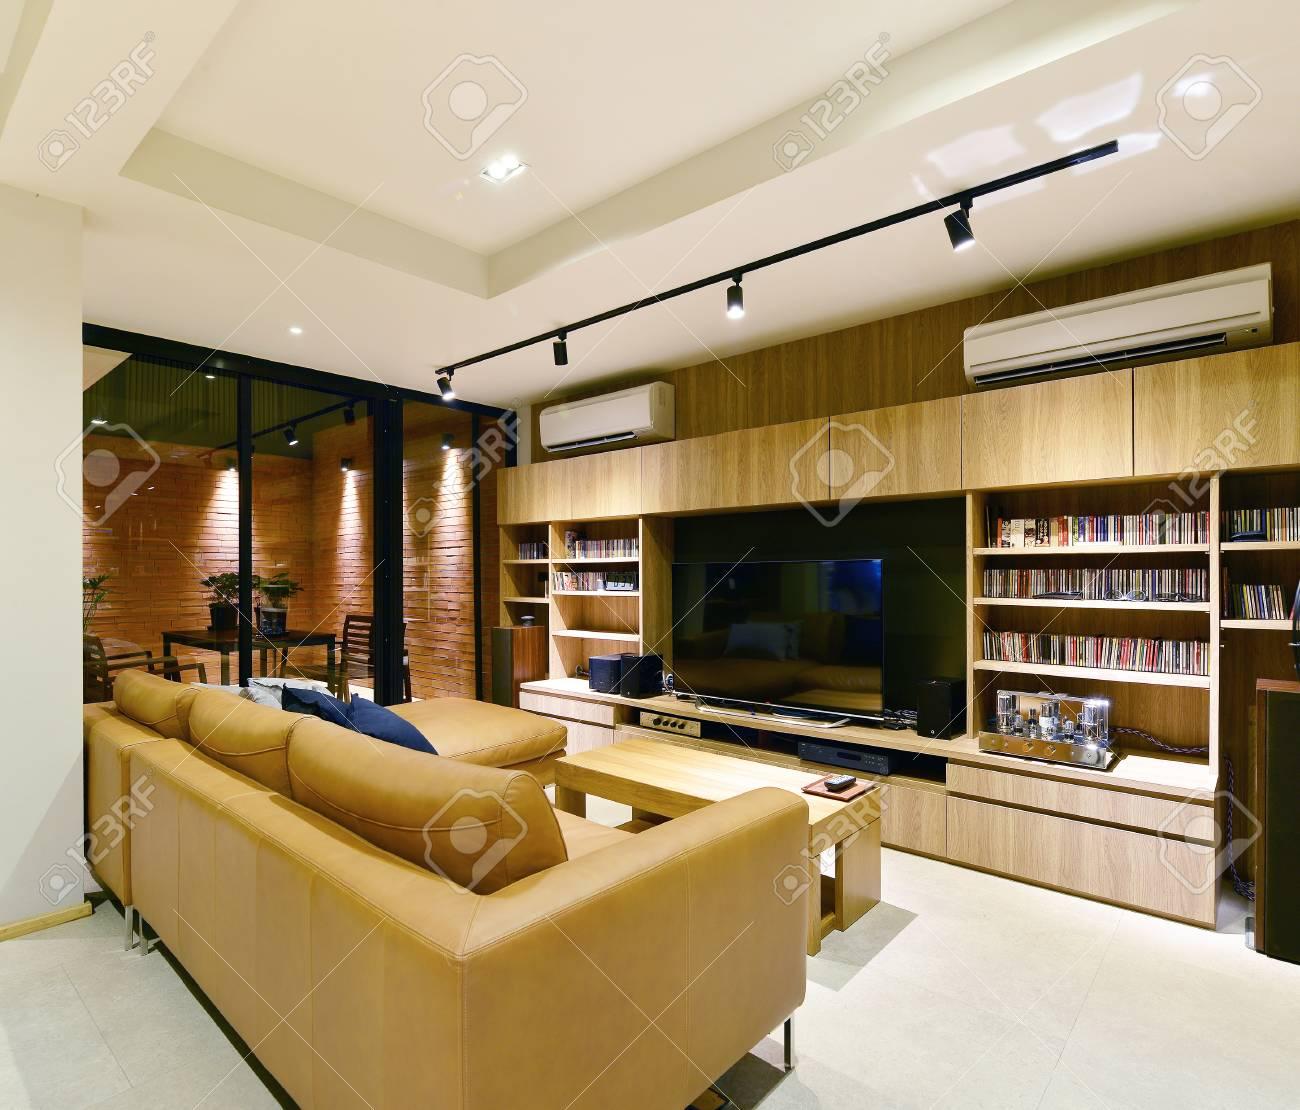 foto de archivo loft estilo lujo moderno living interior y decoracin diseo de interiores - Living Moderno